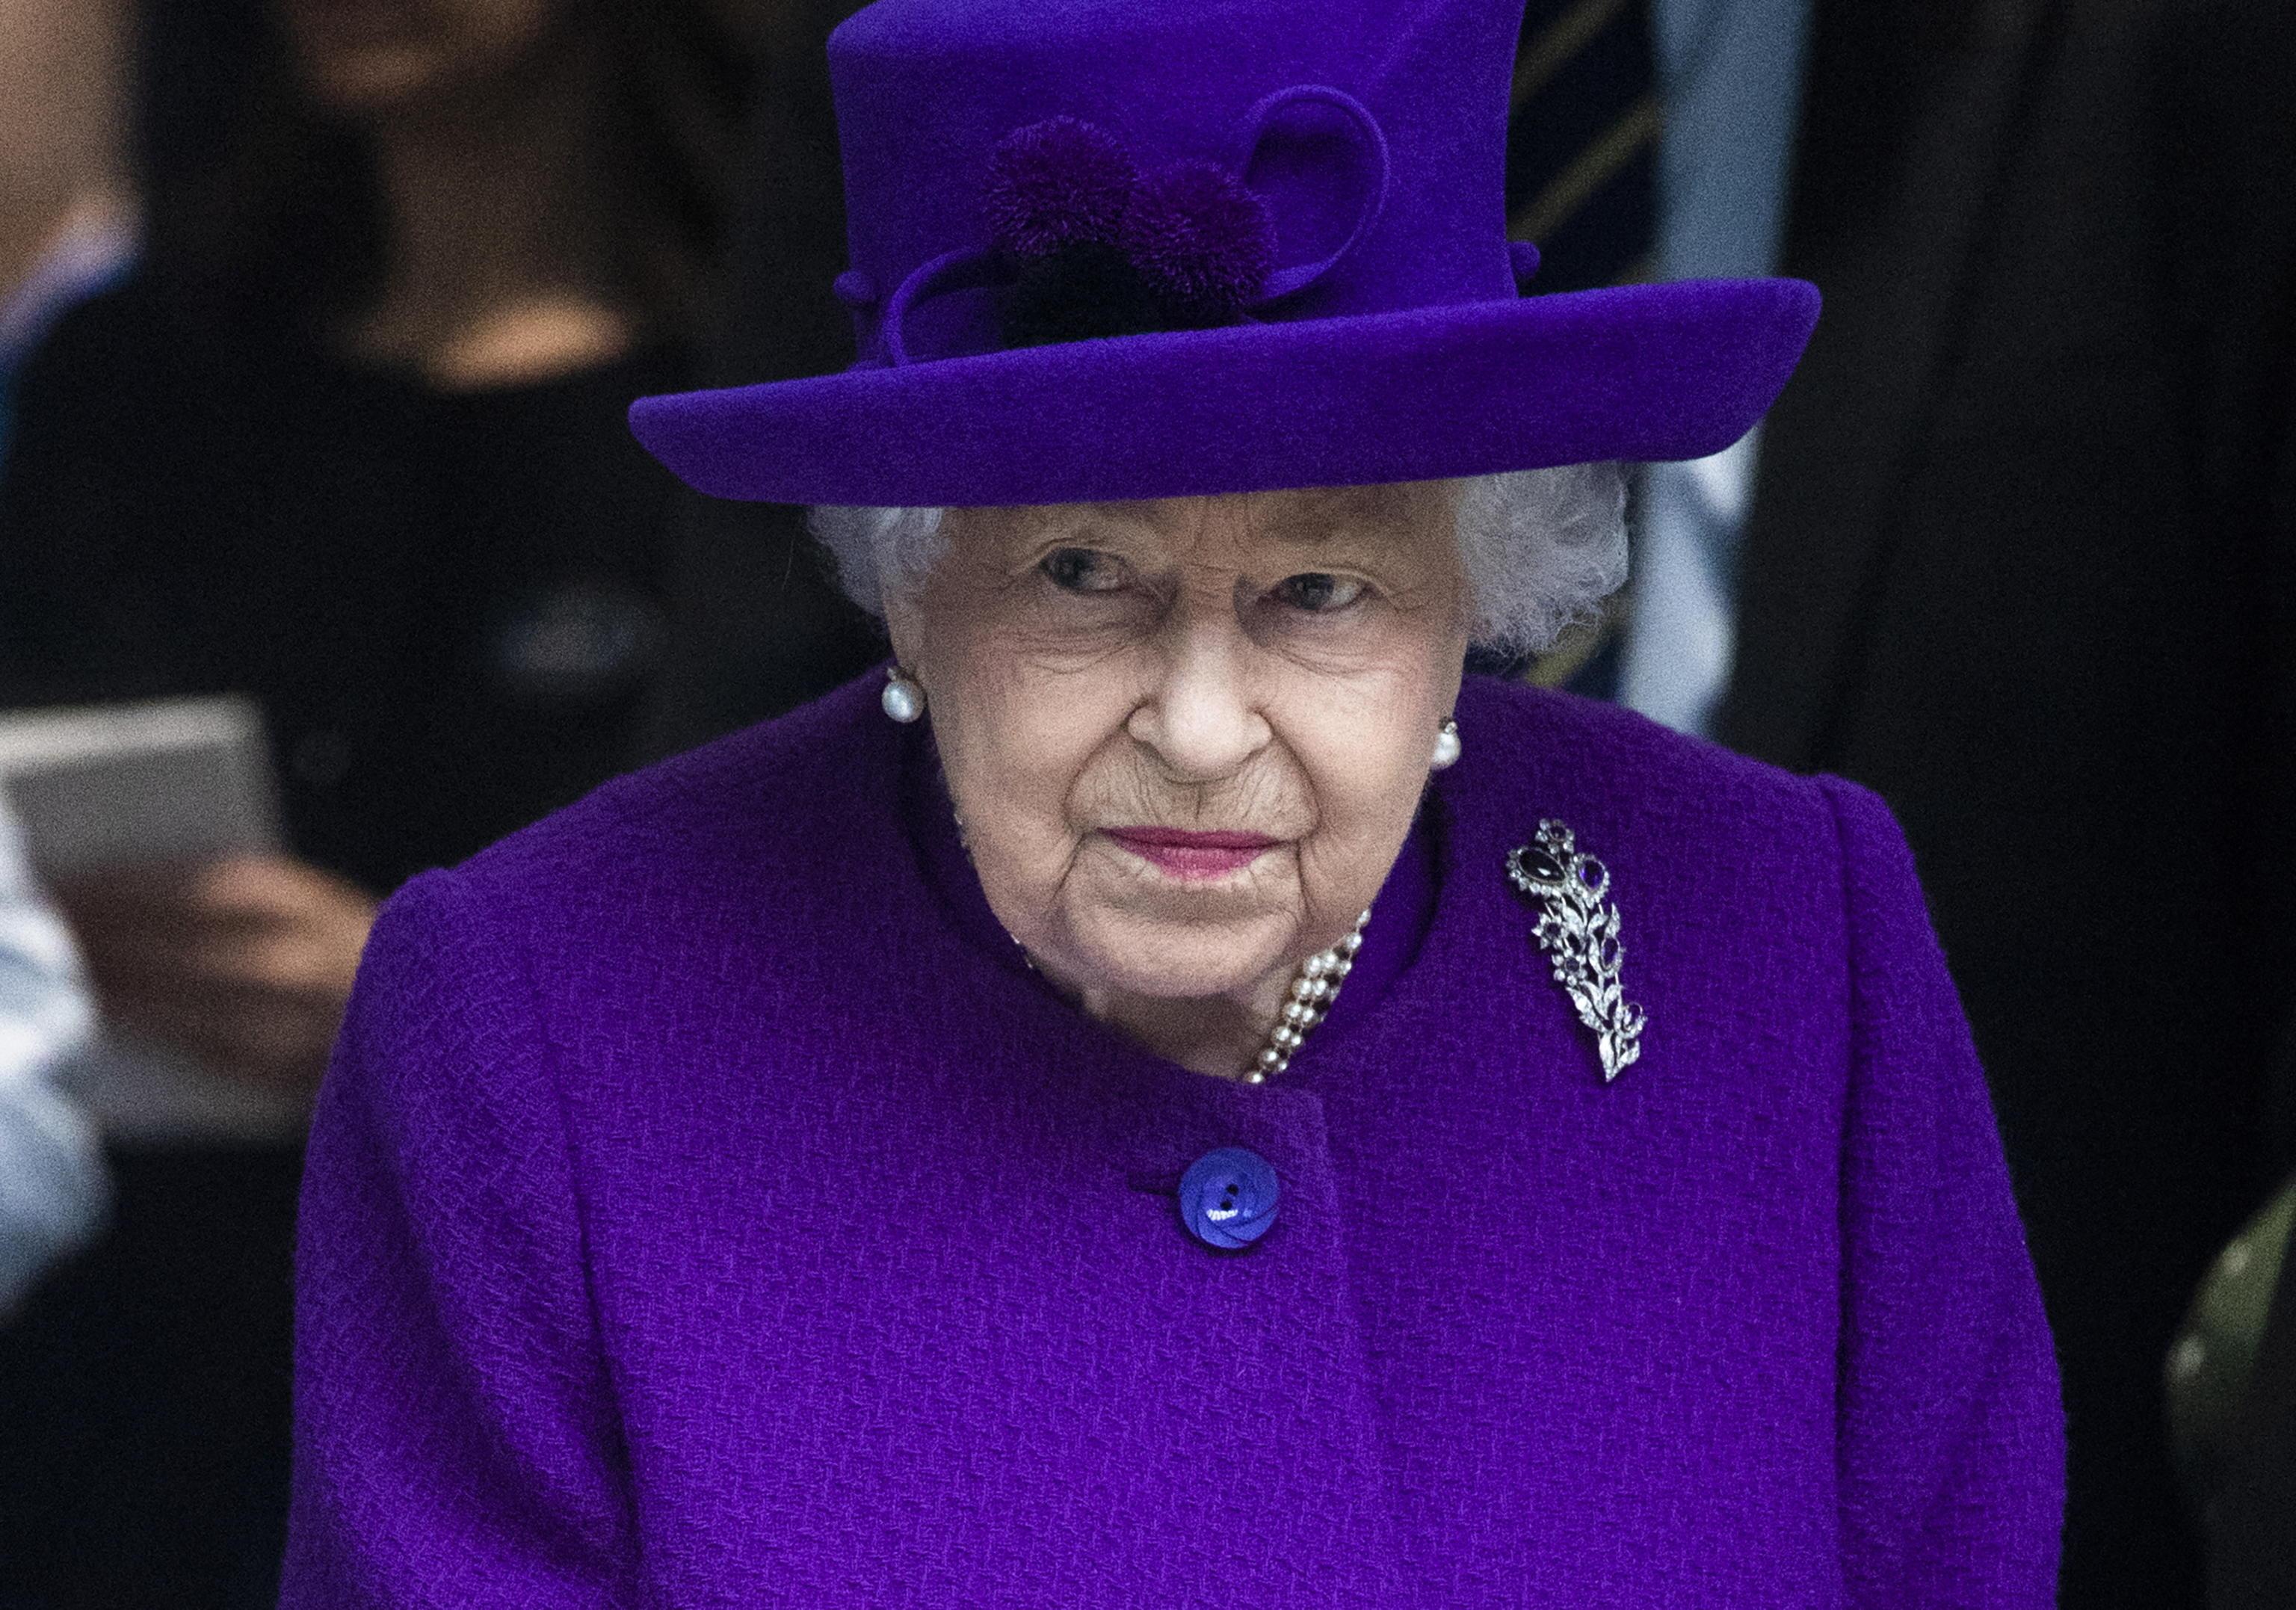 королевы великобритании список официальным данным